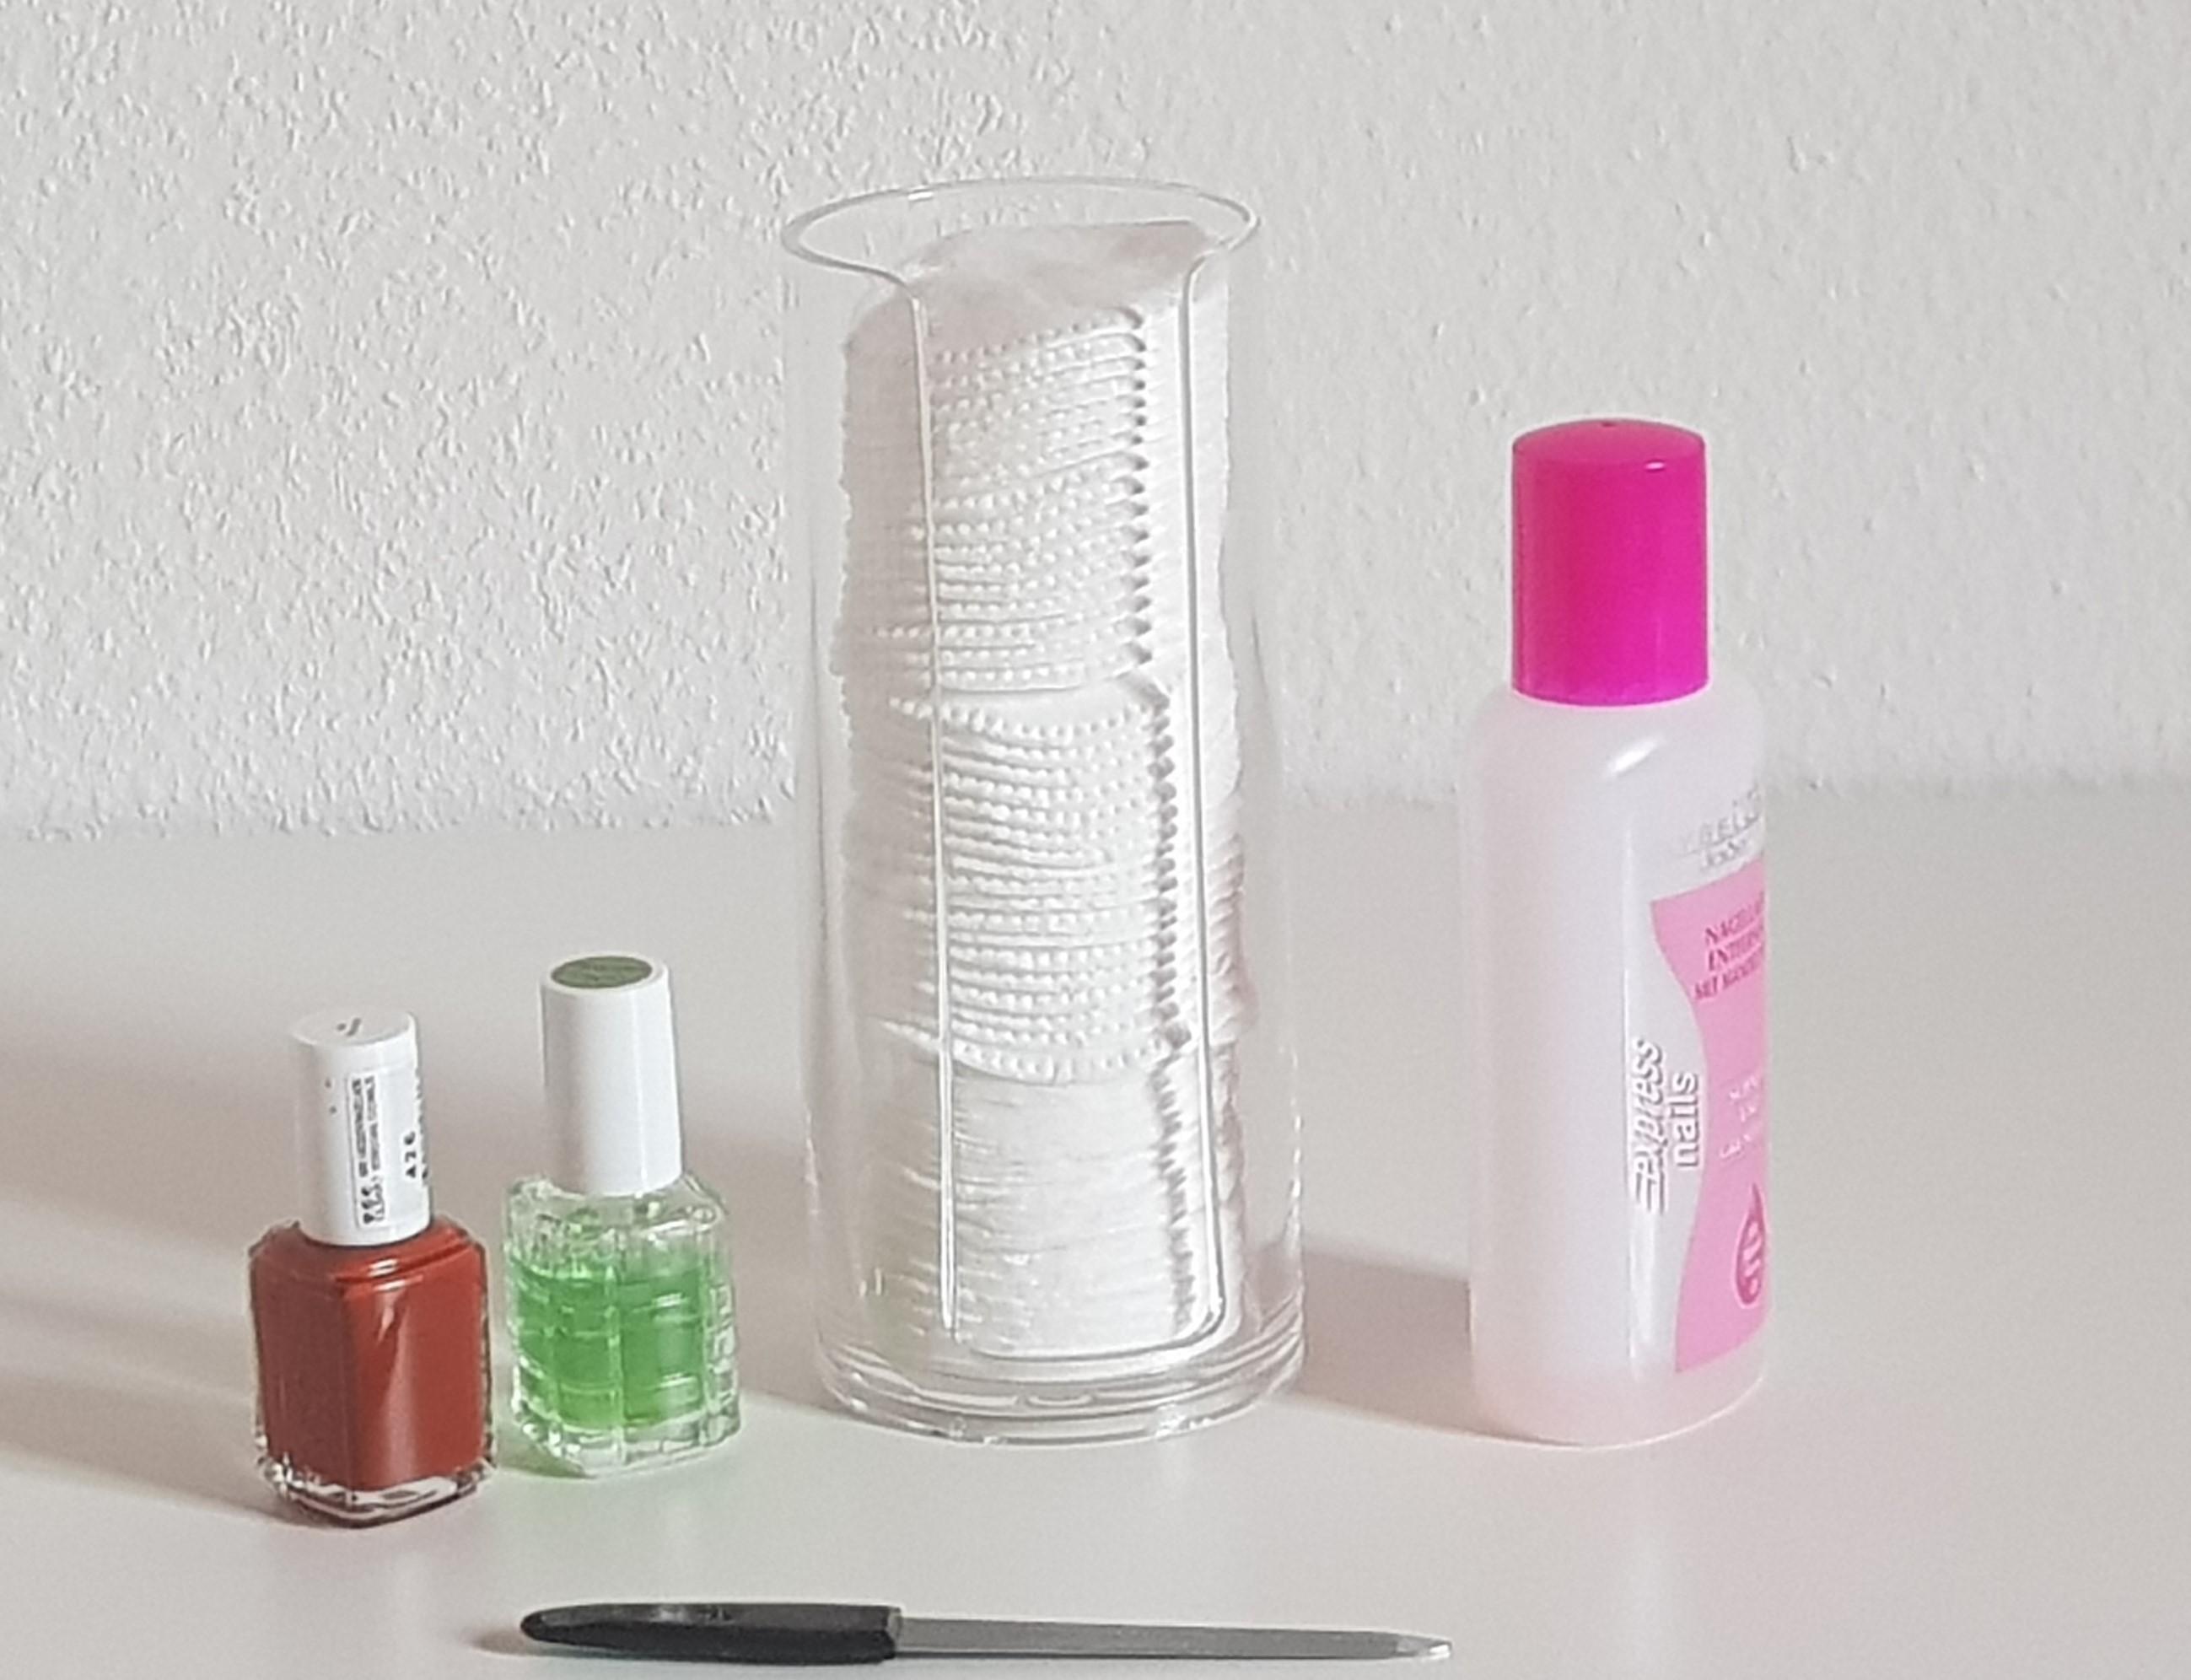 Warum Fingernägel lackieren so wichtig sein kann